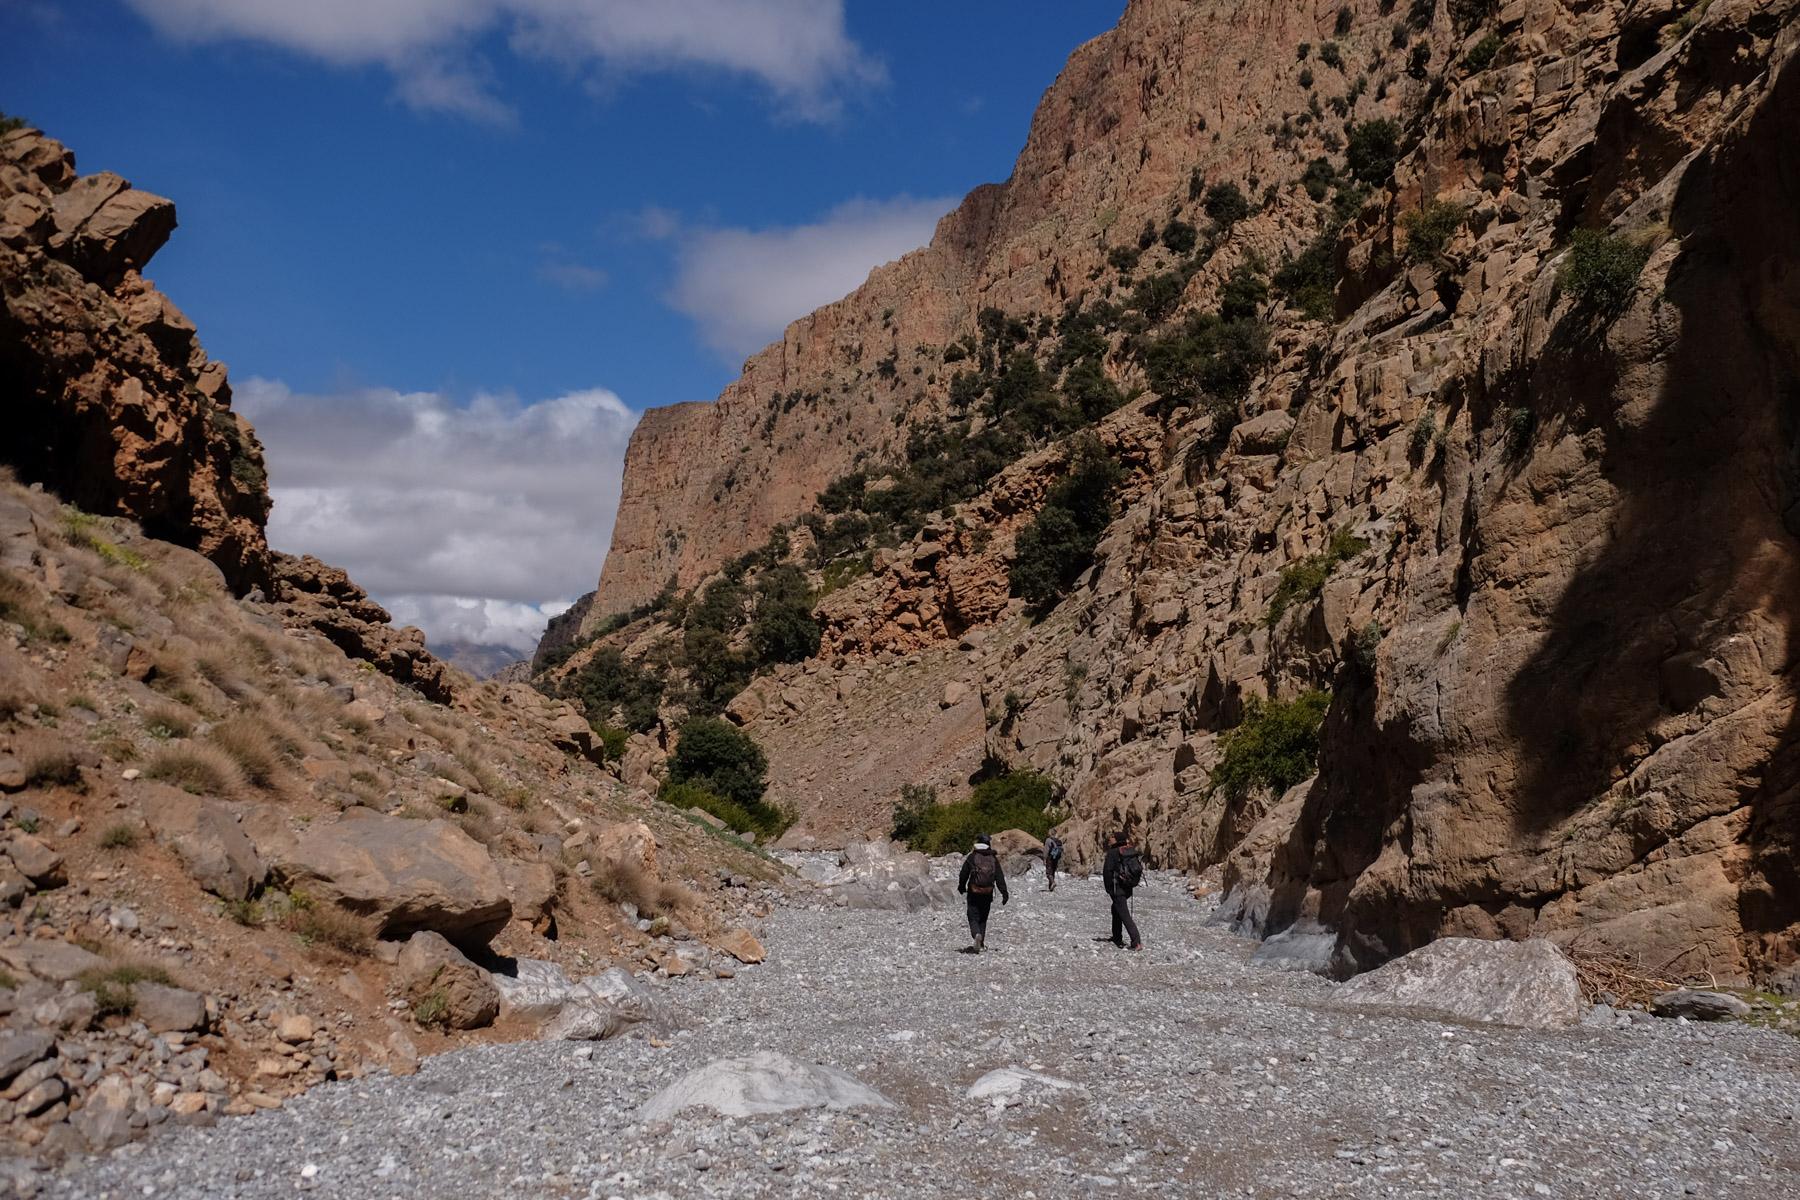 Tagoujimt n'Tsouyane, Taghia, Maroc 58